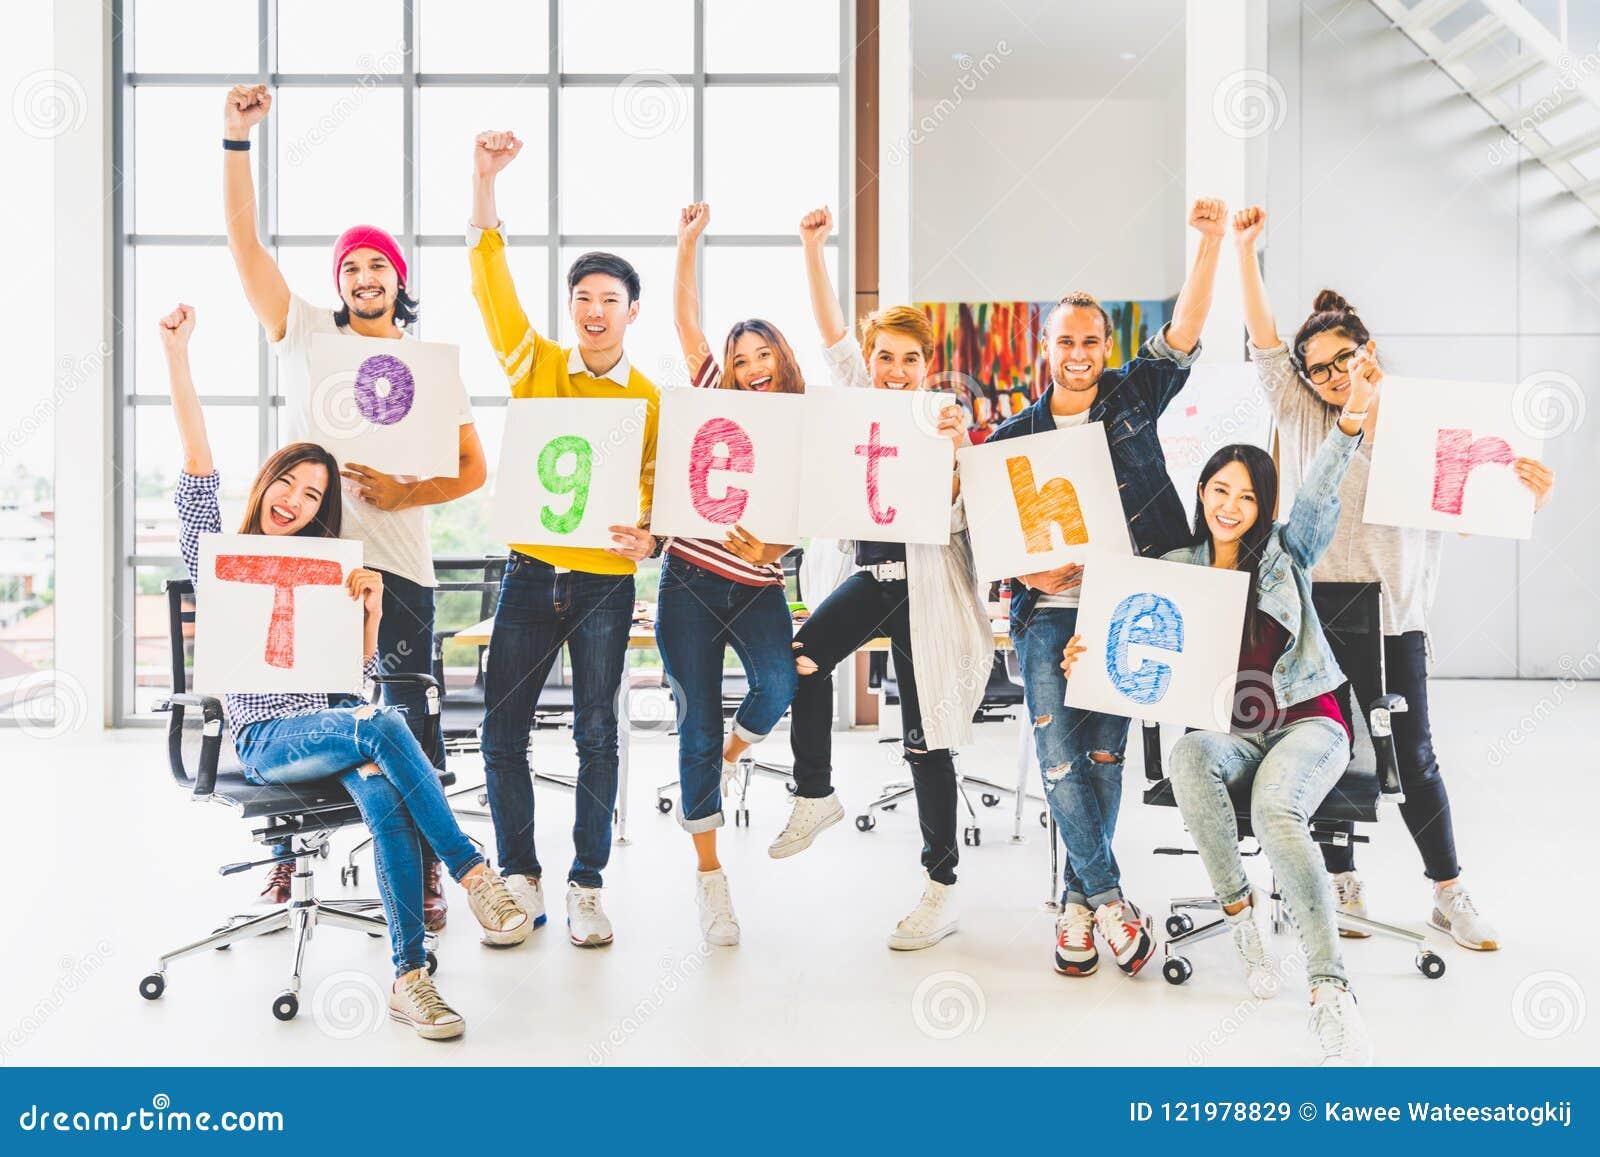 小组办公室工友或创造性的人民结合一体的词,欢呼并且庆祝 企业项目伙伴,统一性概念